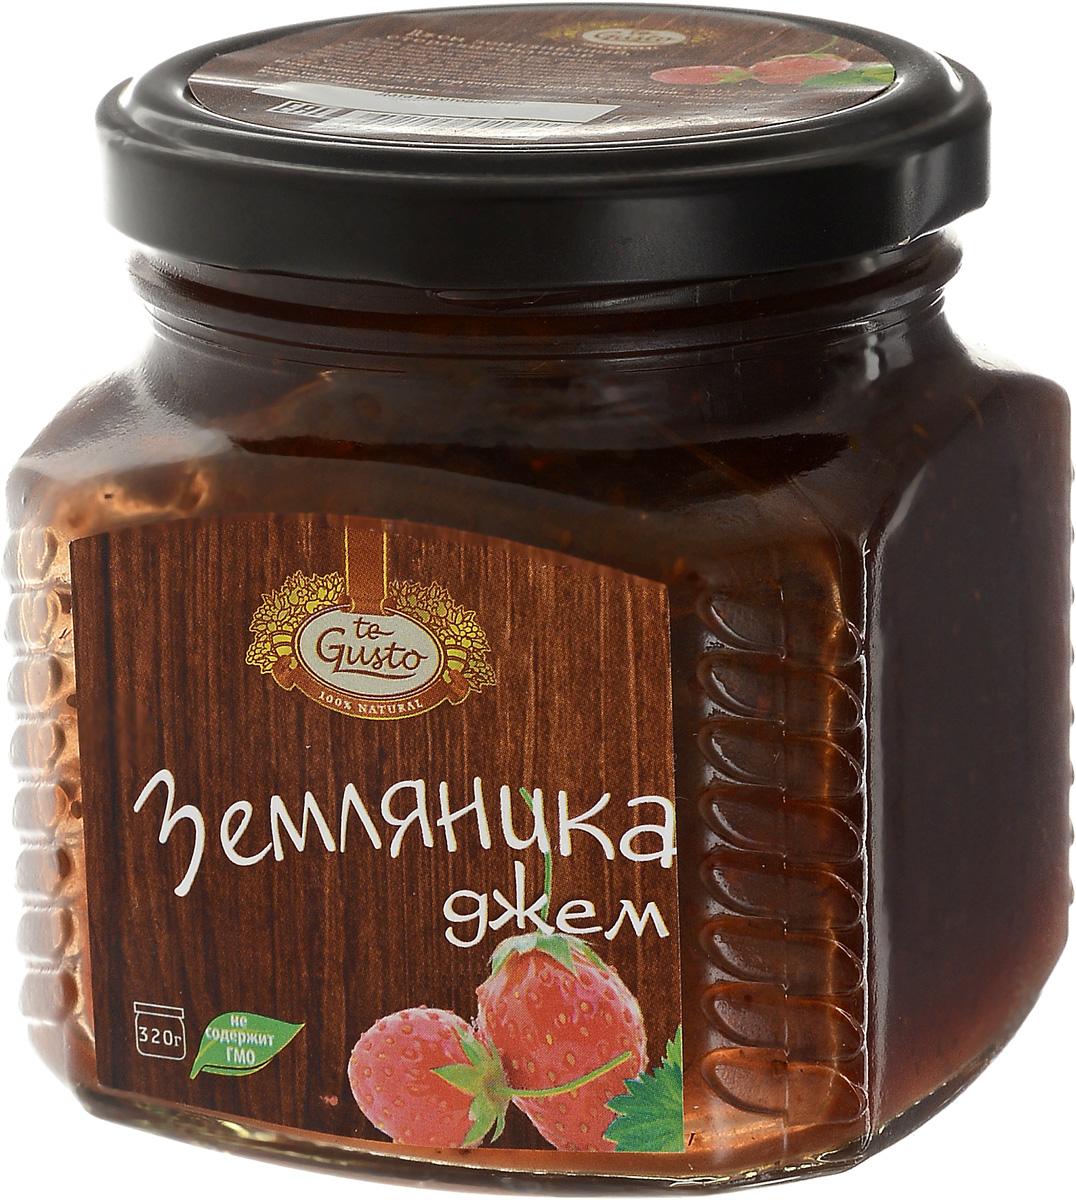 te Gusto Джем из земляники, 320 г4657155301368Ароматный джем te Gusto сварен из земляники, имеет желеобразную консистенцию с крупными кусочками ягод. Для приготовления используются только свежие, тщательно отобранные ягоды, созревшие в экологически чистых местах. Продукт не содержит ГМО.Земляника - очень полезная и сладкая ягода, необычный аромат и восхитительный вкус которой нравится и детям, и взрослым. Вместе с тем полезные свойства земляники стимулируют аппетит, улучшают пищеварение, а также снимают воспаление в кишечнике и желудке.Уважаемые клиенты! Обращаем ваше внимание, что полный перечень состава продукта представлен на дополнительном изображении.